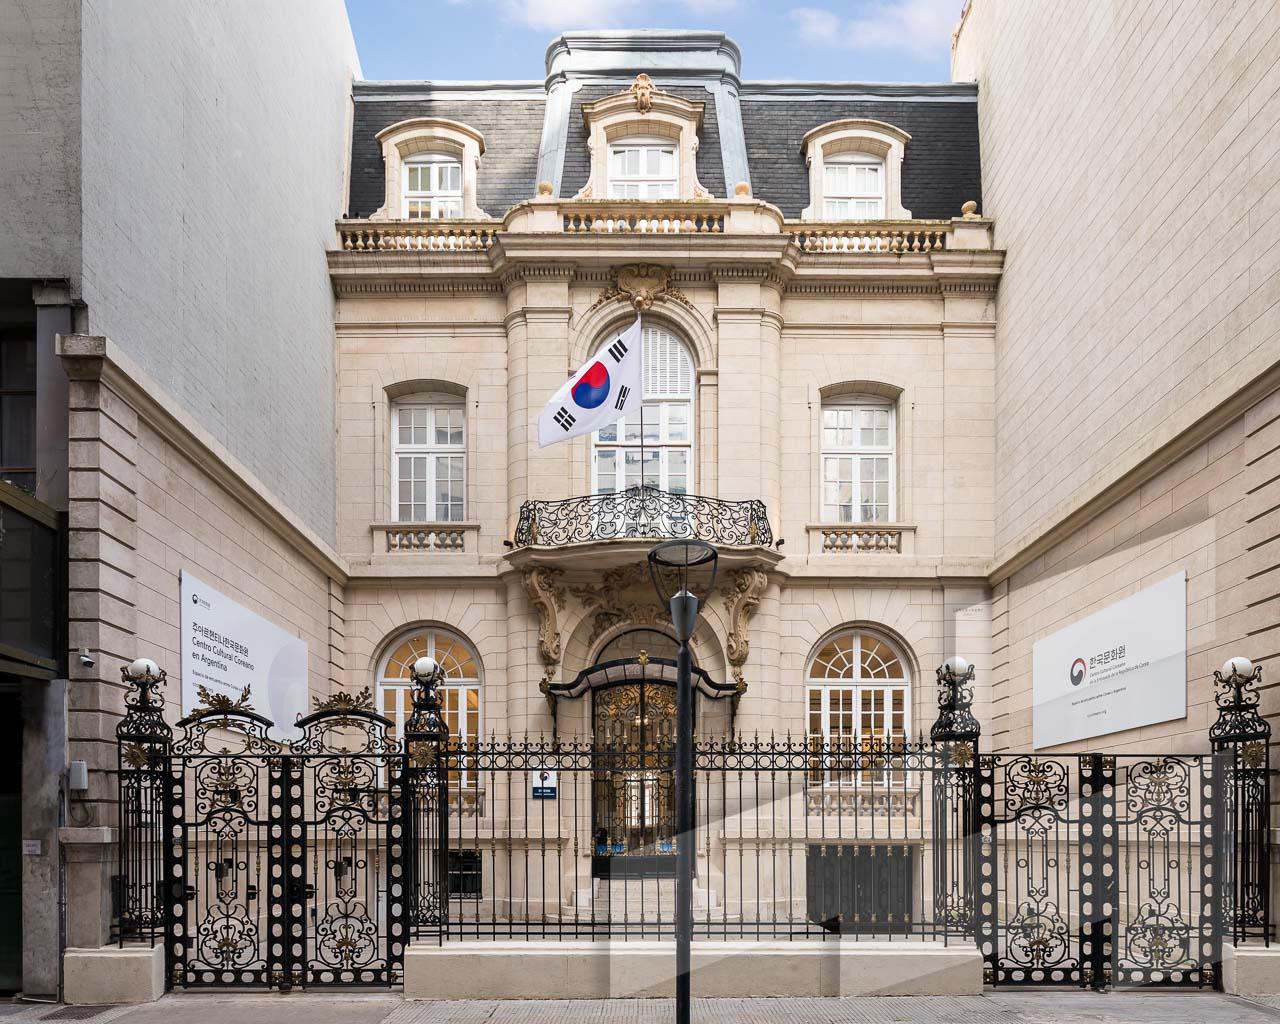 Foto de la arquitectura exterior del Palacio Bencich/Ex Residencia Hunter, Retiro, ciudad de Buenos Aires